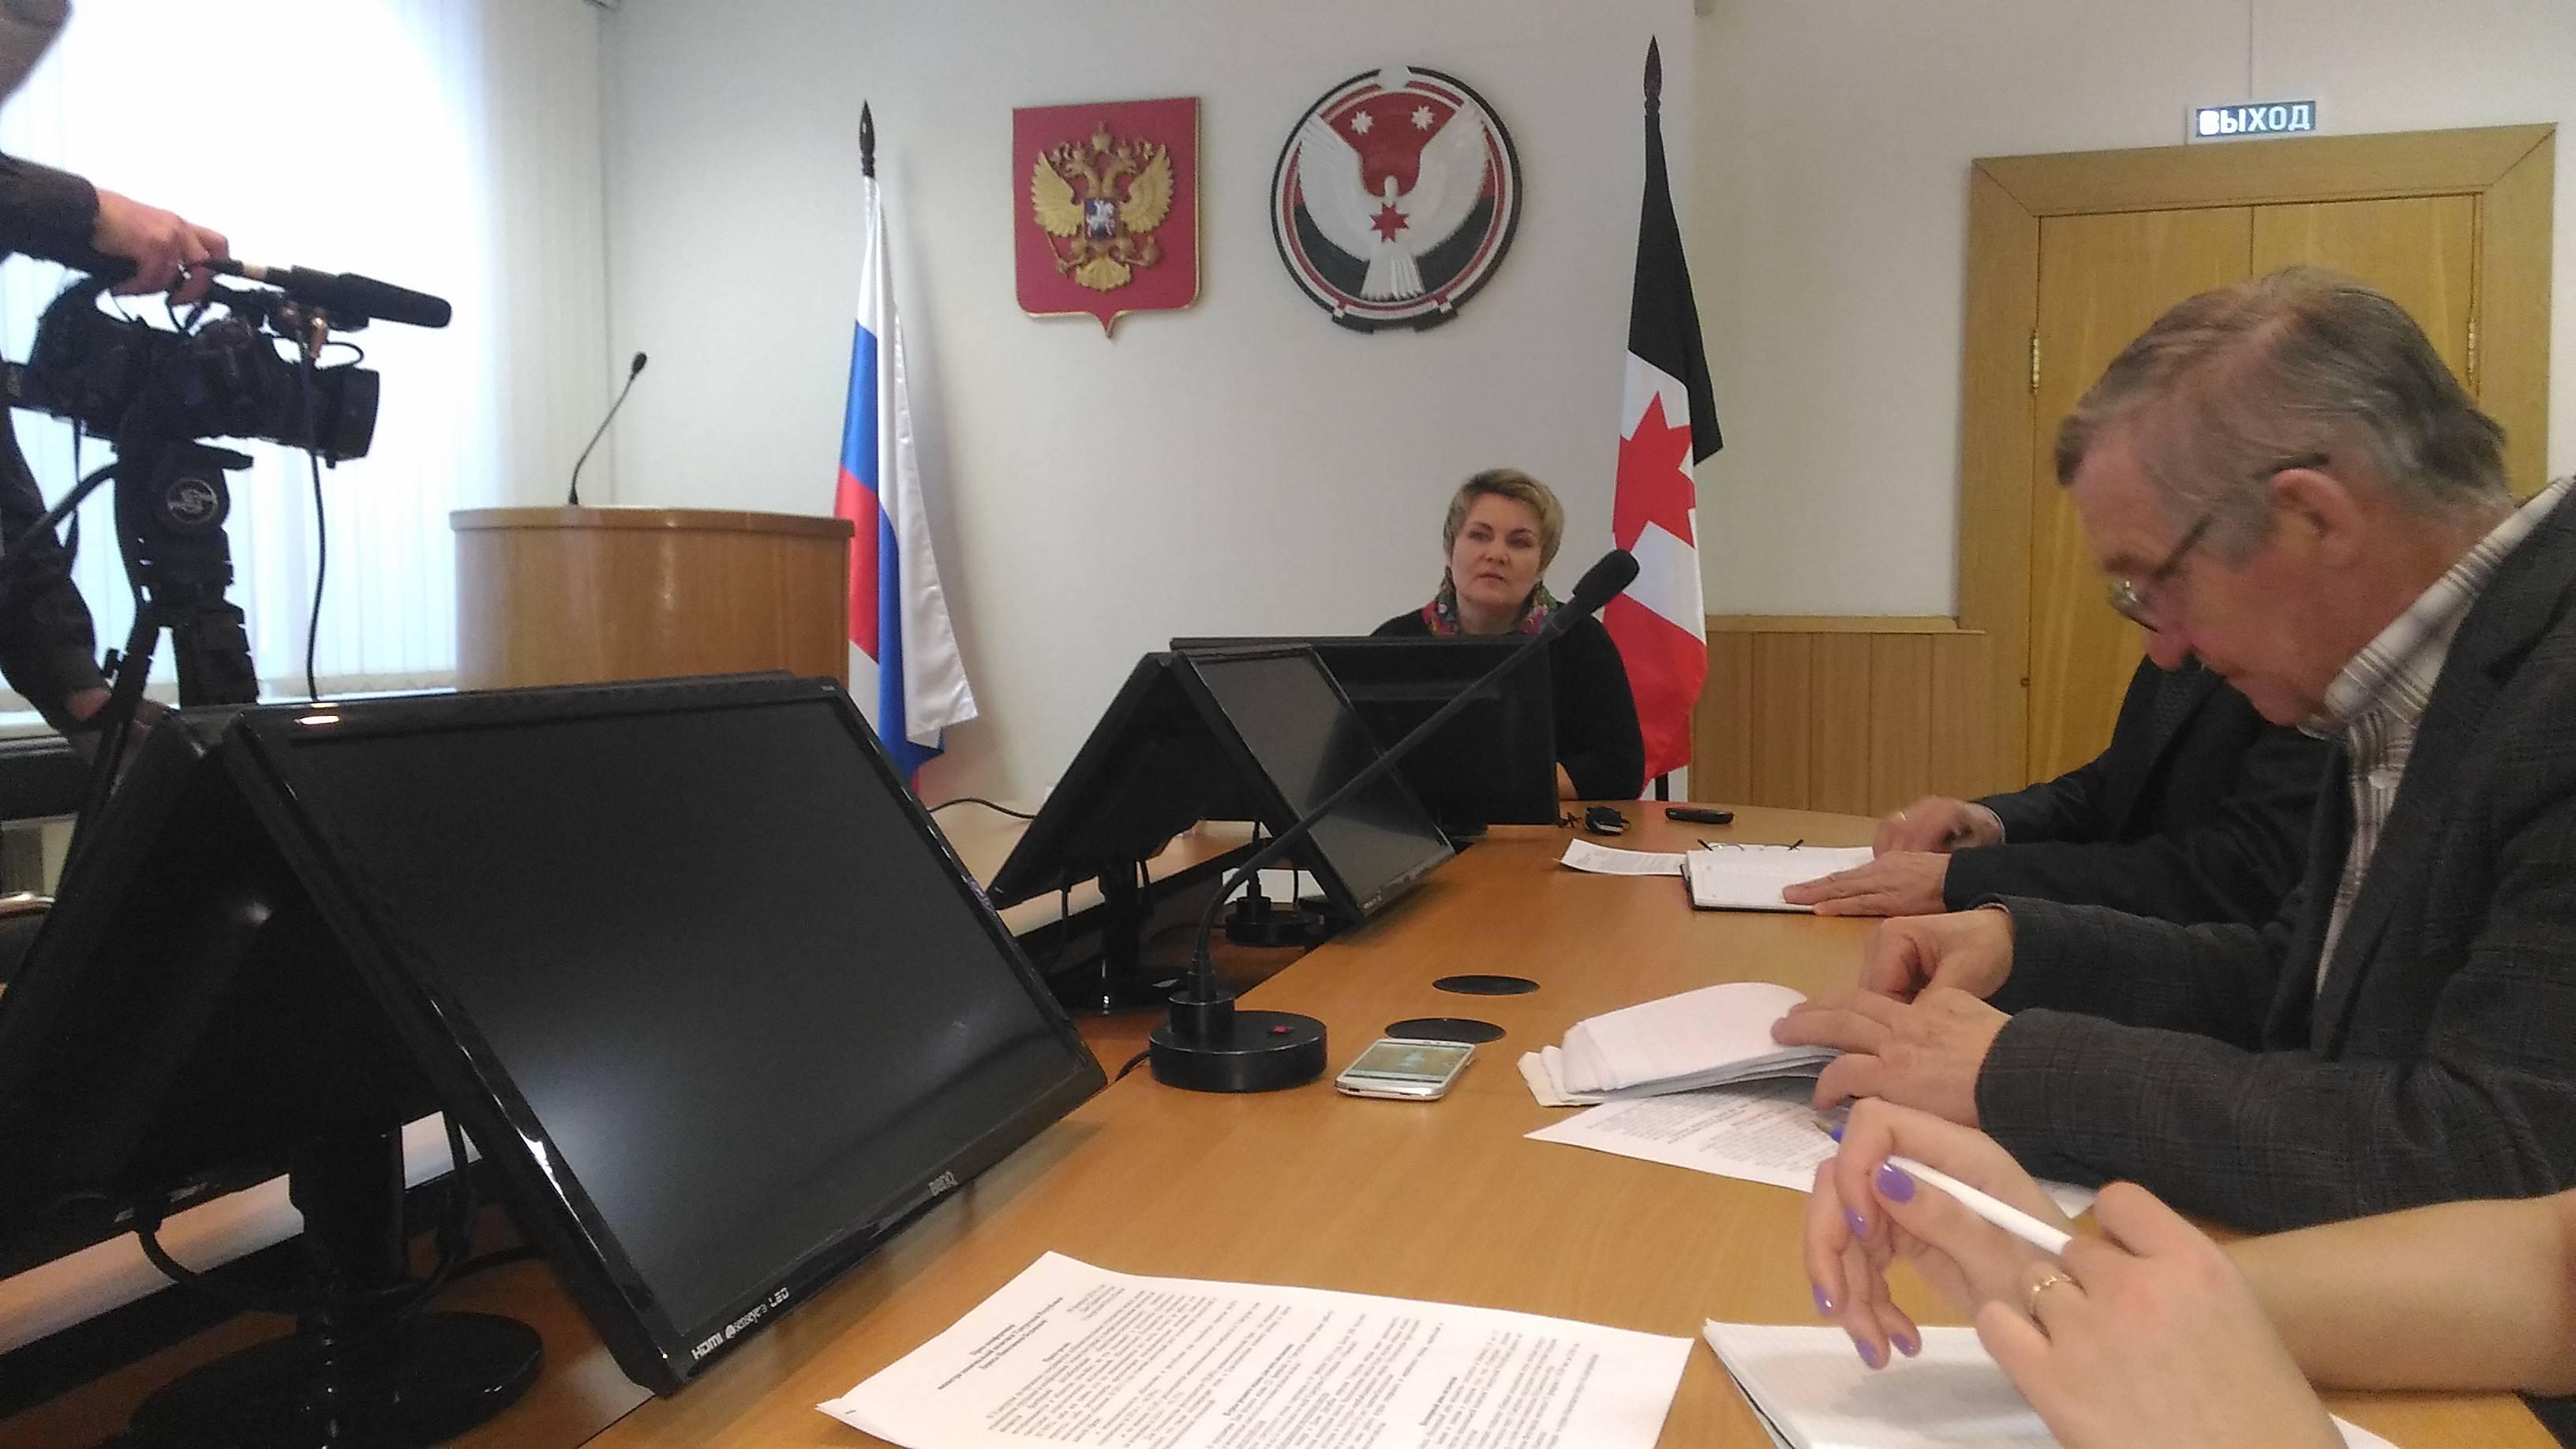 Новости смотреть онлайн украина 1+1 тсн